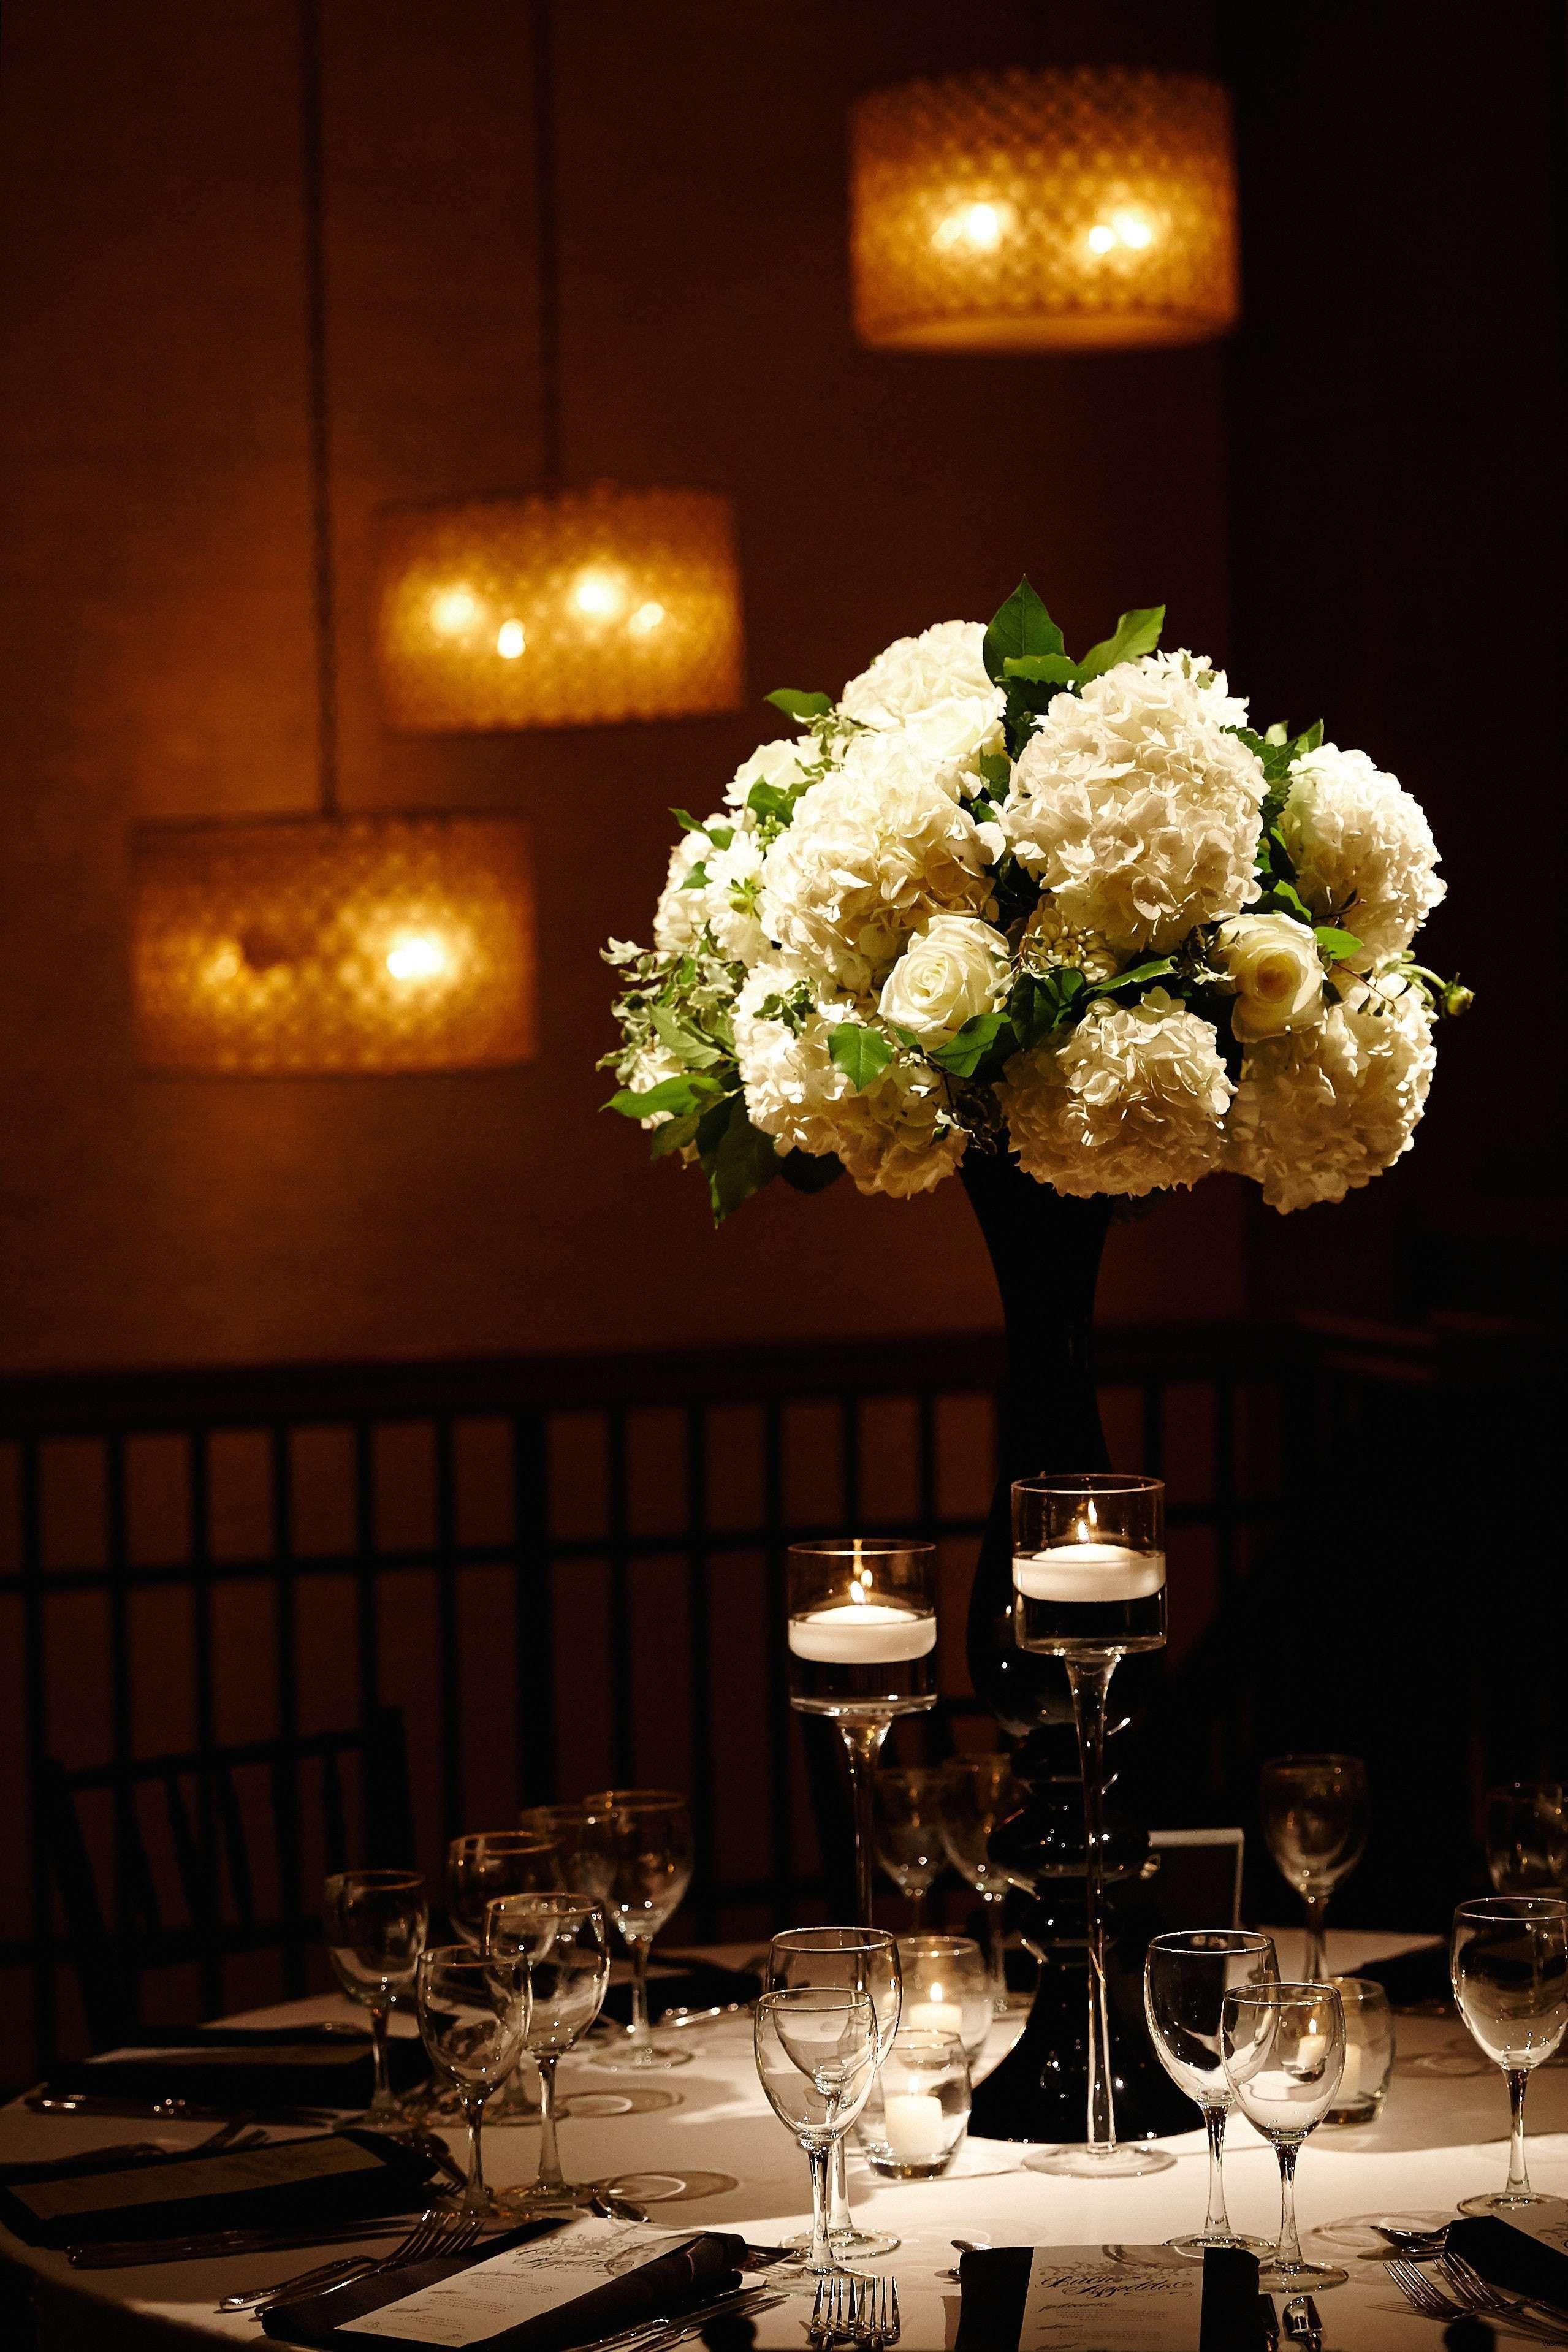 Japanese Ikebana Vases Of Japanese Flower Vases Best Of Fresh Flower Garden Design the Regarding Japanese Flower Vases Best Of Fresh Flower Garden Design